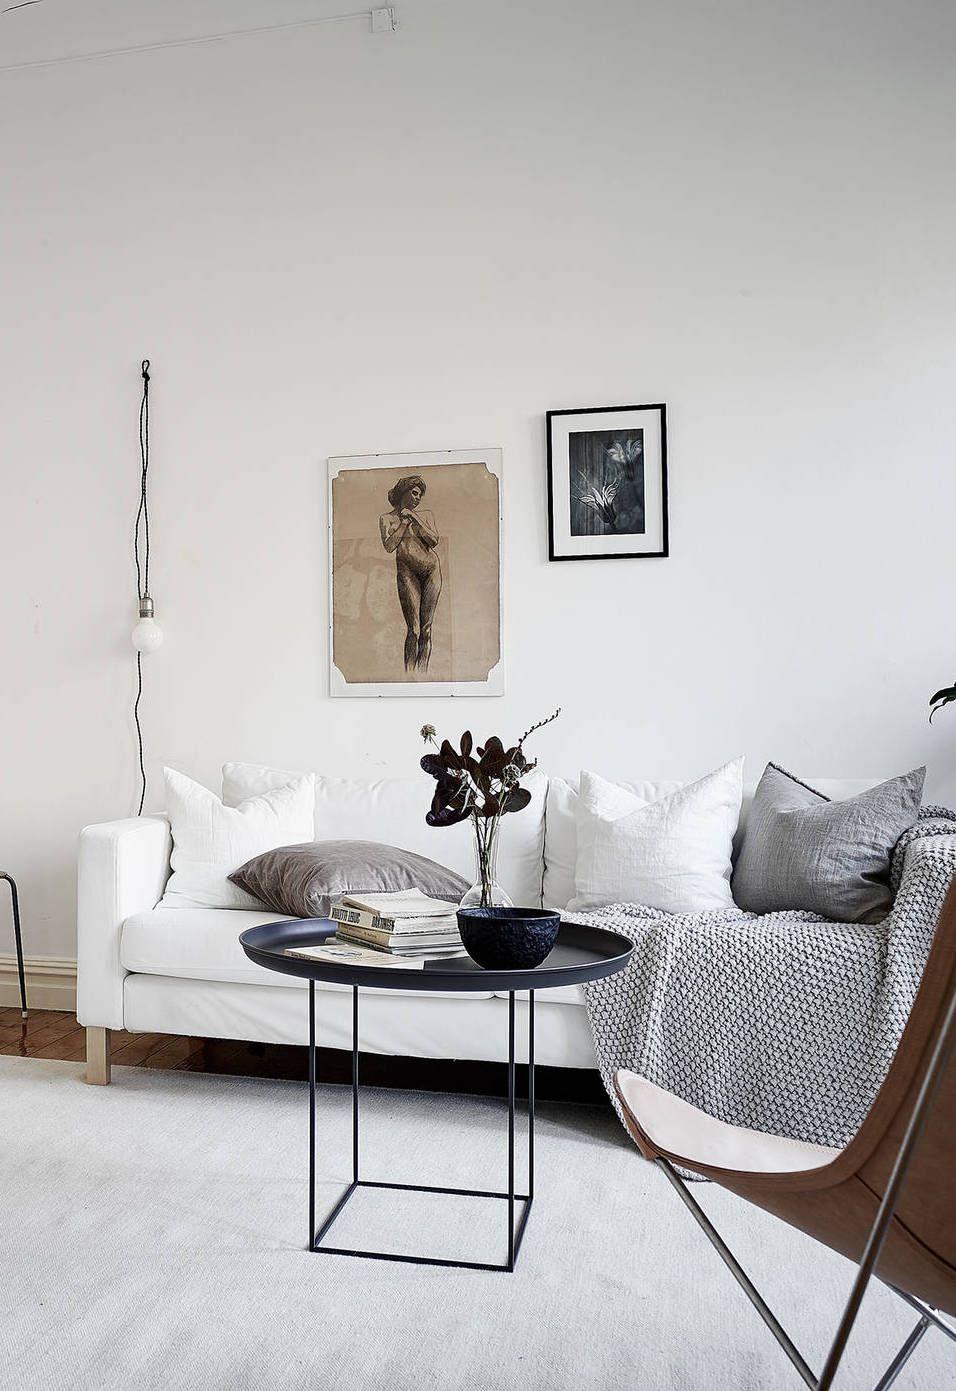 Pin von Christoph Baum auf Wohnzimmer | Pinterest ...